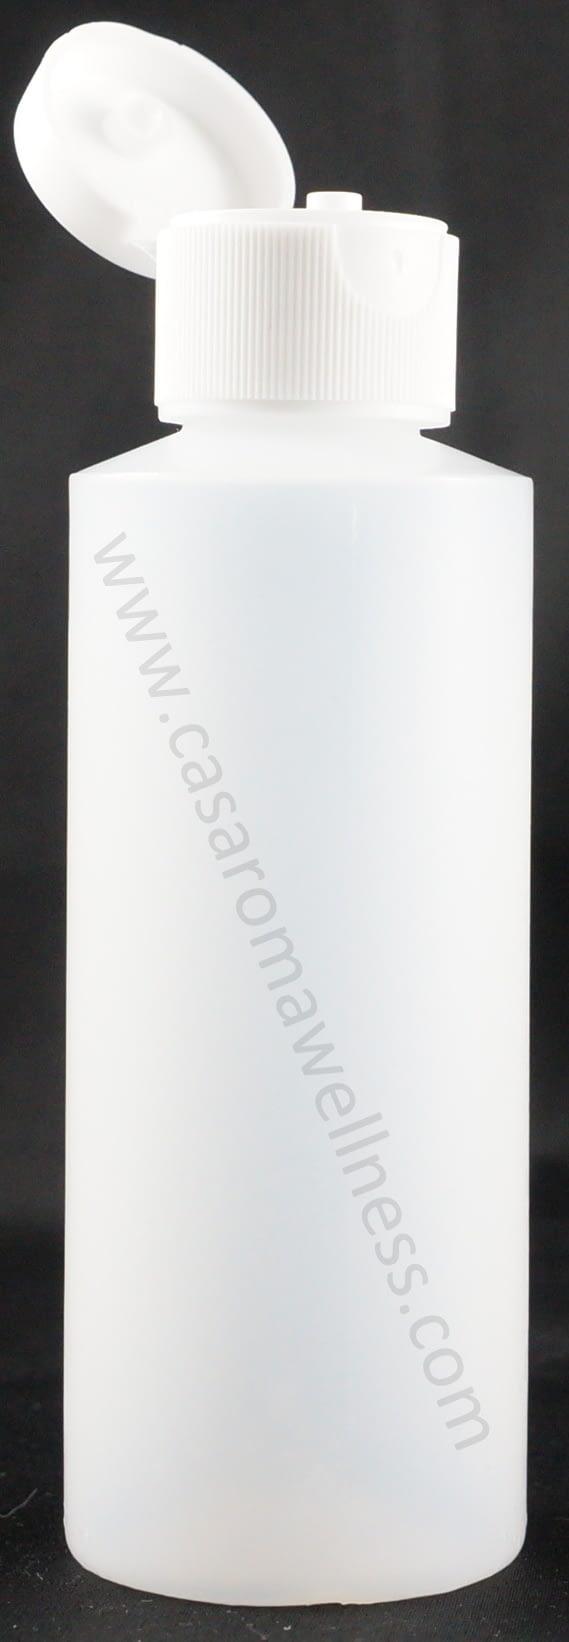 HDPE Bottle (plastic) no lid